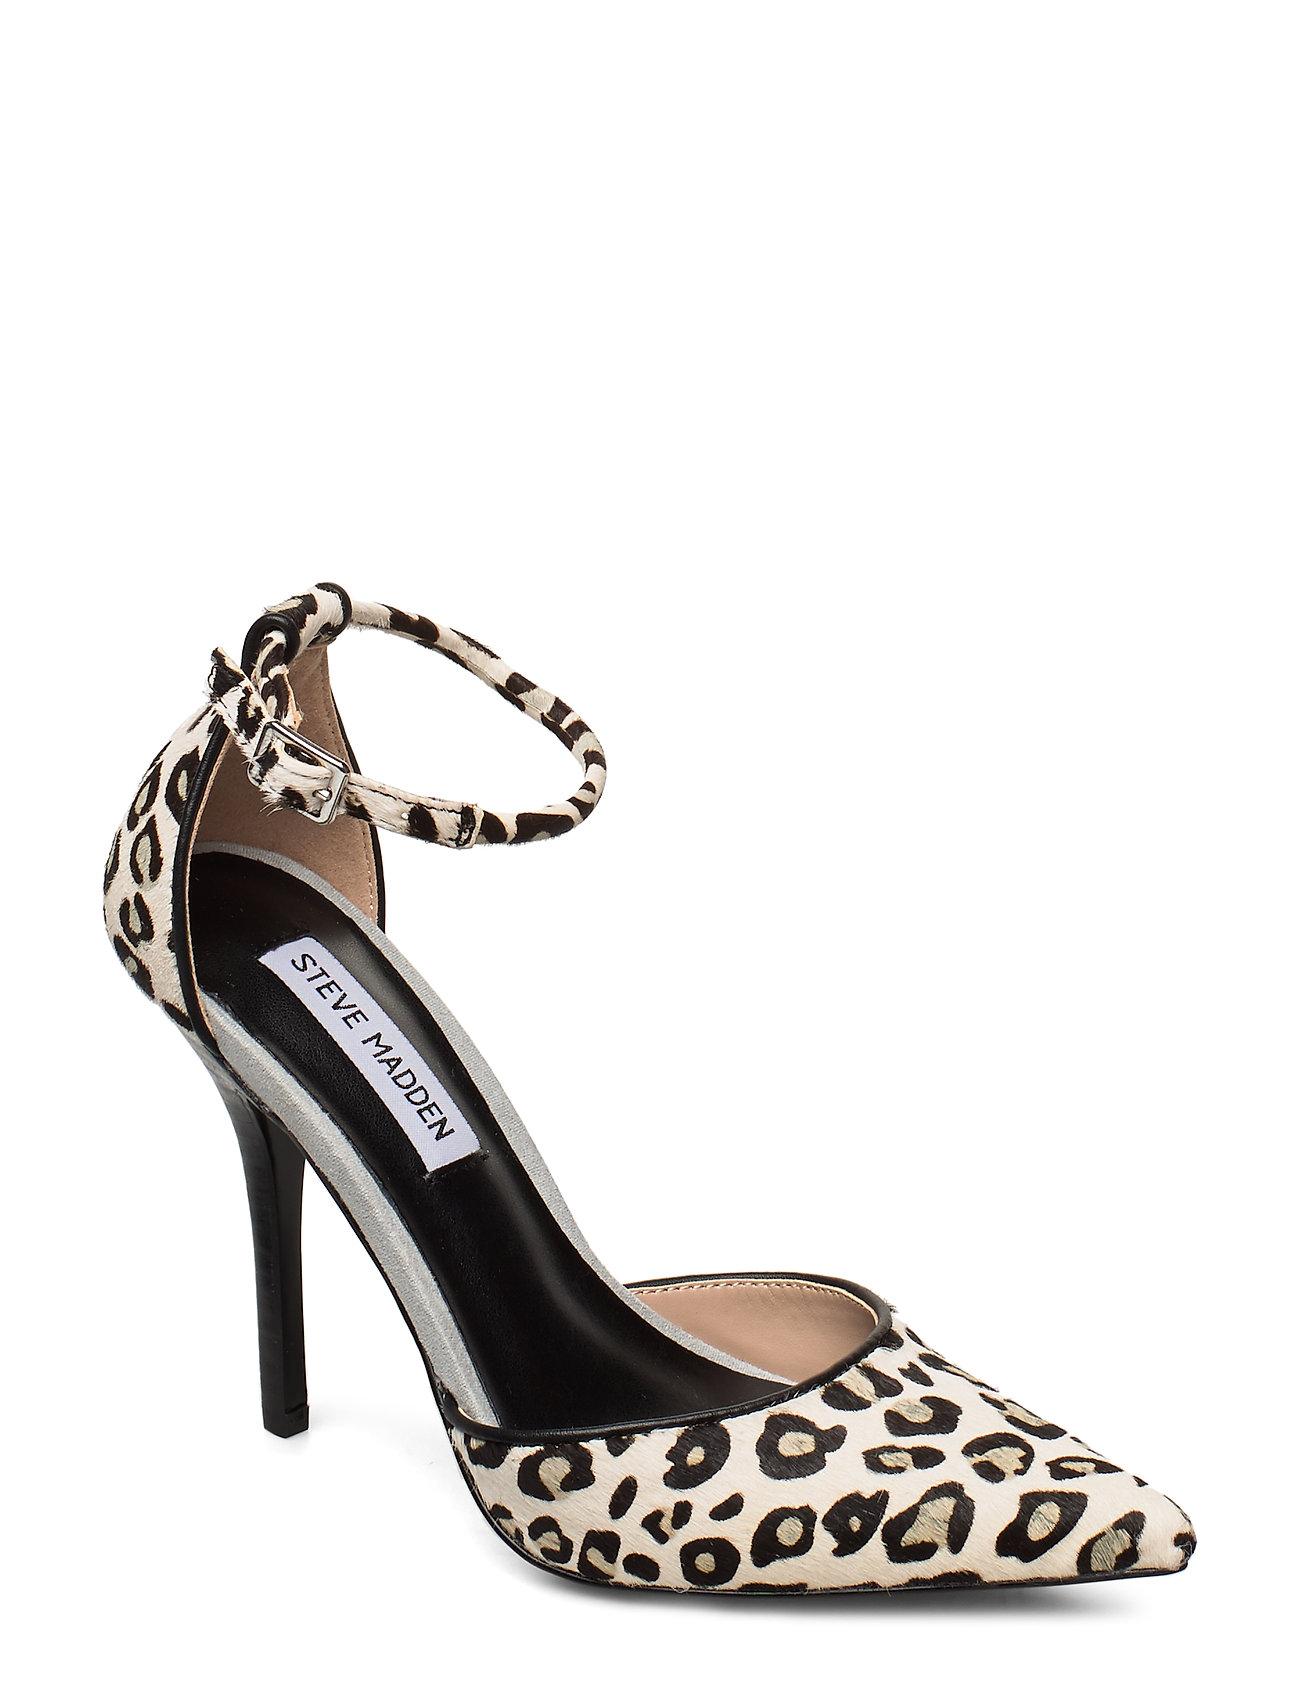 Image of Adelle-L Heel Shoes Heels Pumps Sling Backs Multi/mønstret Steve Madden (3246473699)